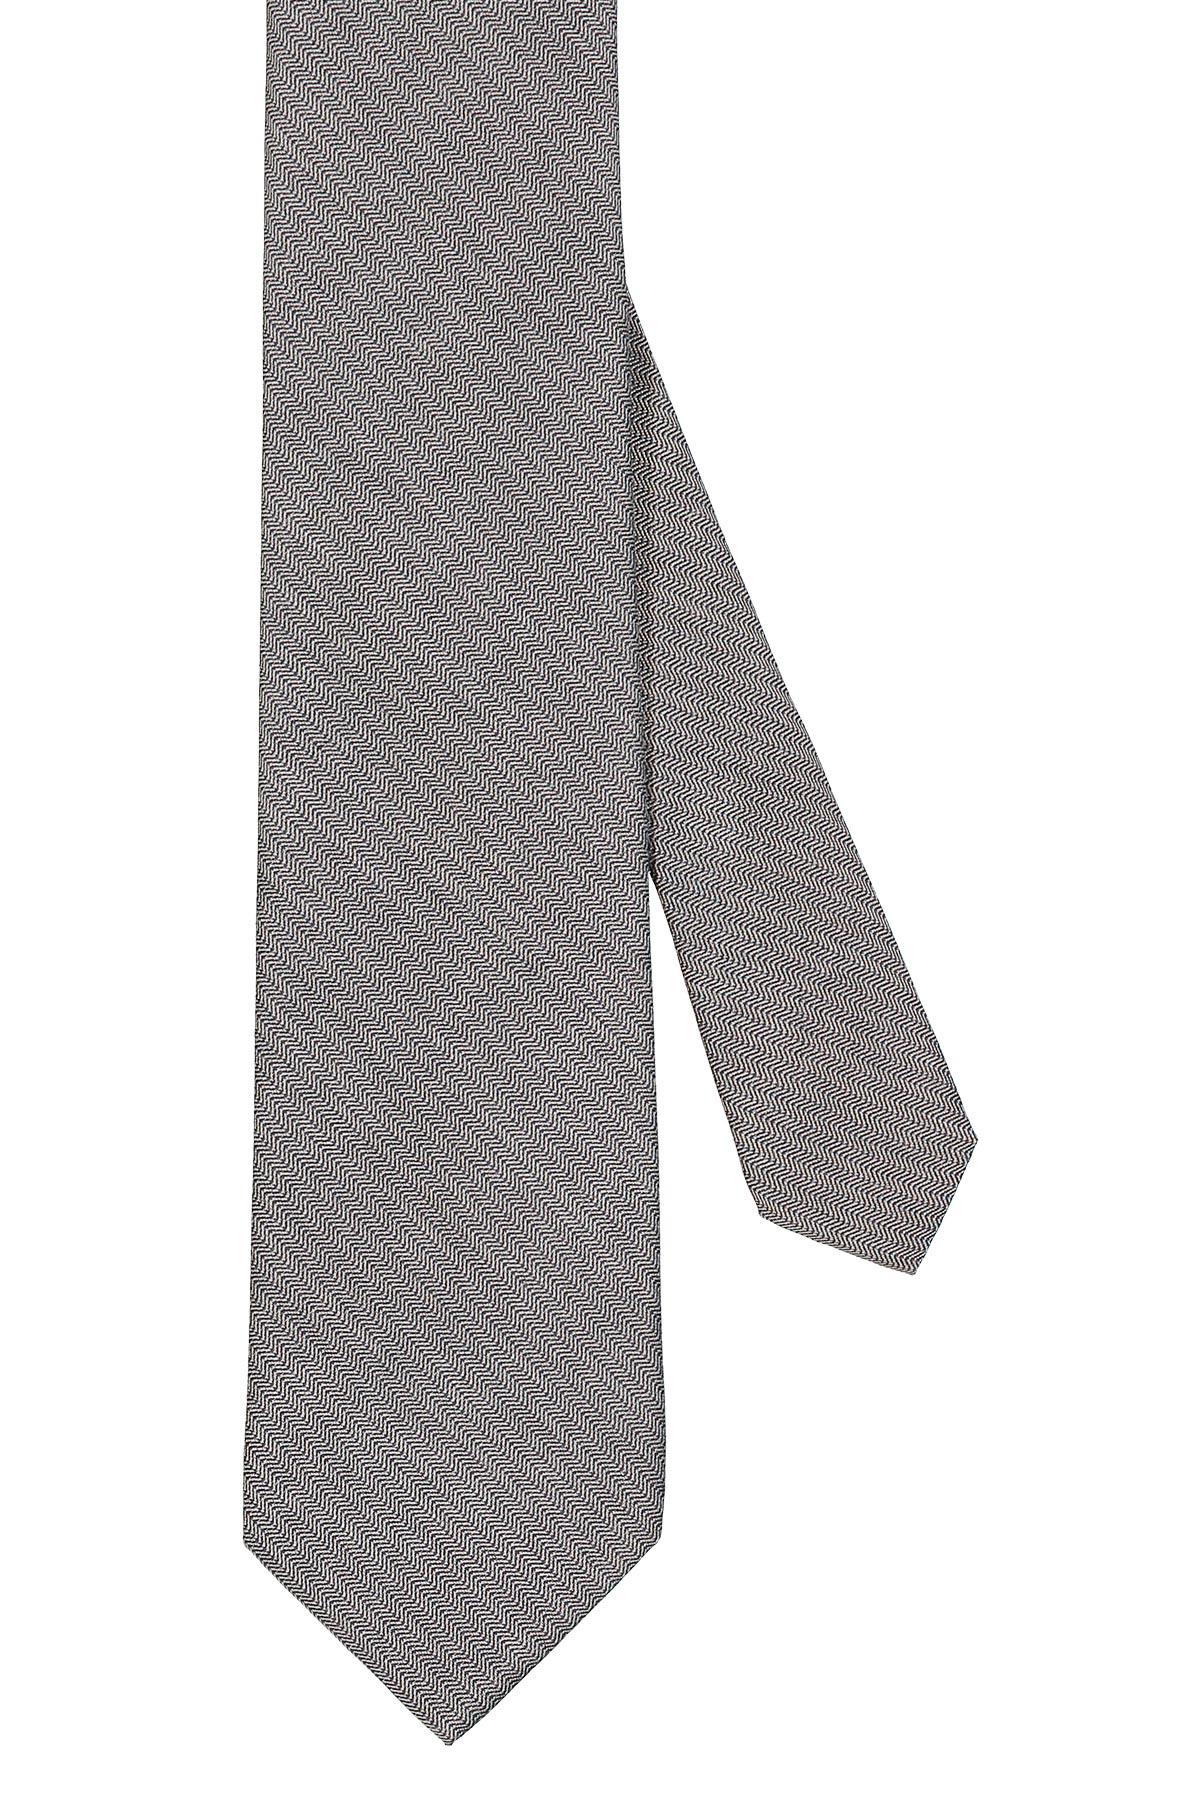 Corbata Calvin Klein, seda mezcla, color gris trama diagonal.